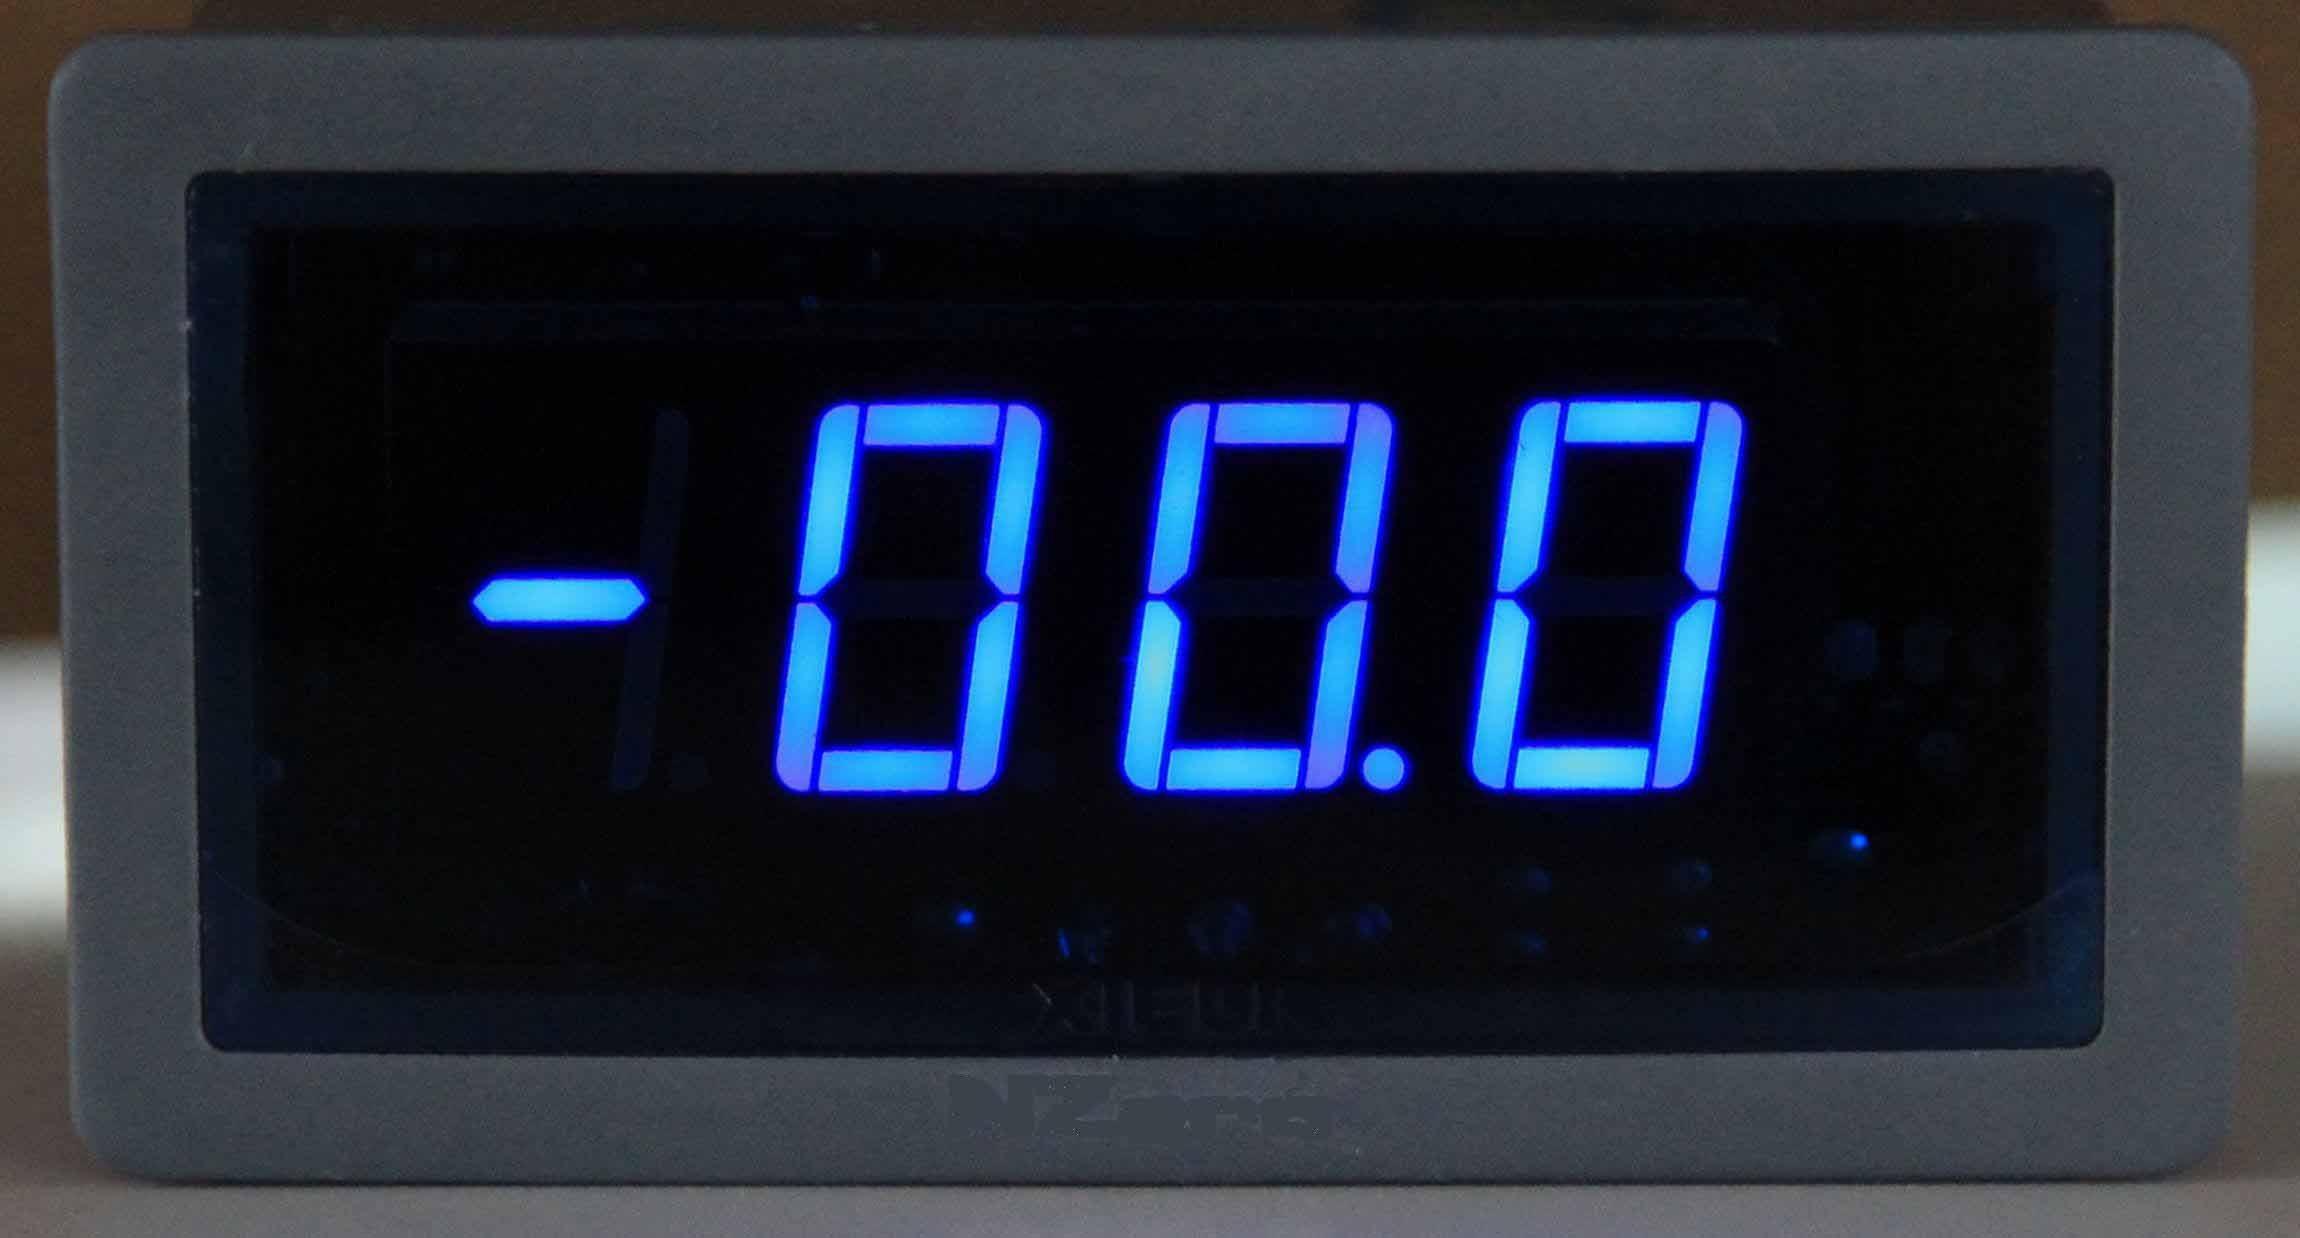 2 Inch Digital Panel Meter : Digital dc ac ampere panel meter buy